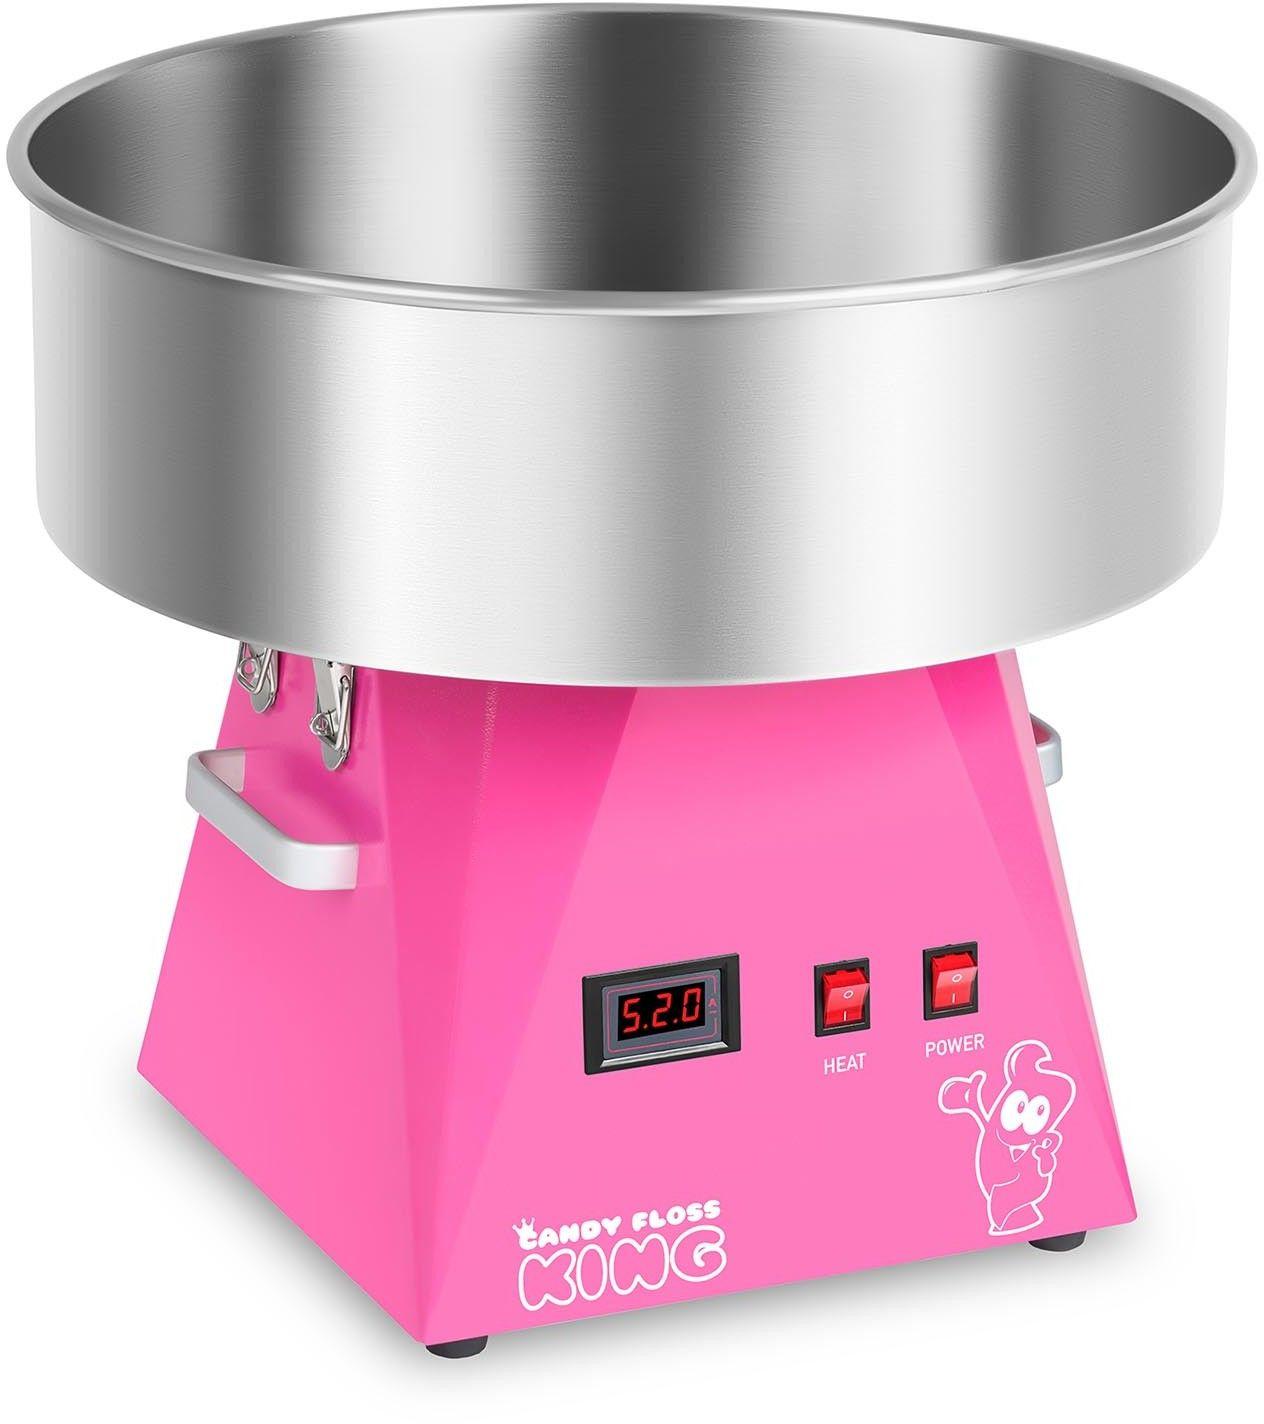 Maszyna do waty cukrowej - LED - 52 cm - Royal Catering - RCZK-1030-W-R - 3 lata gwarancji/wysyłka w 24h